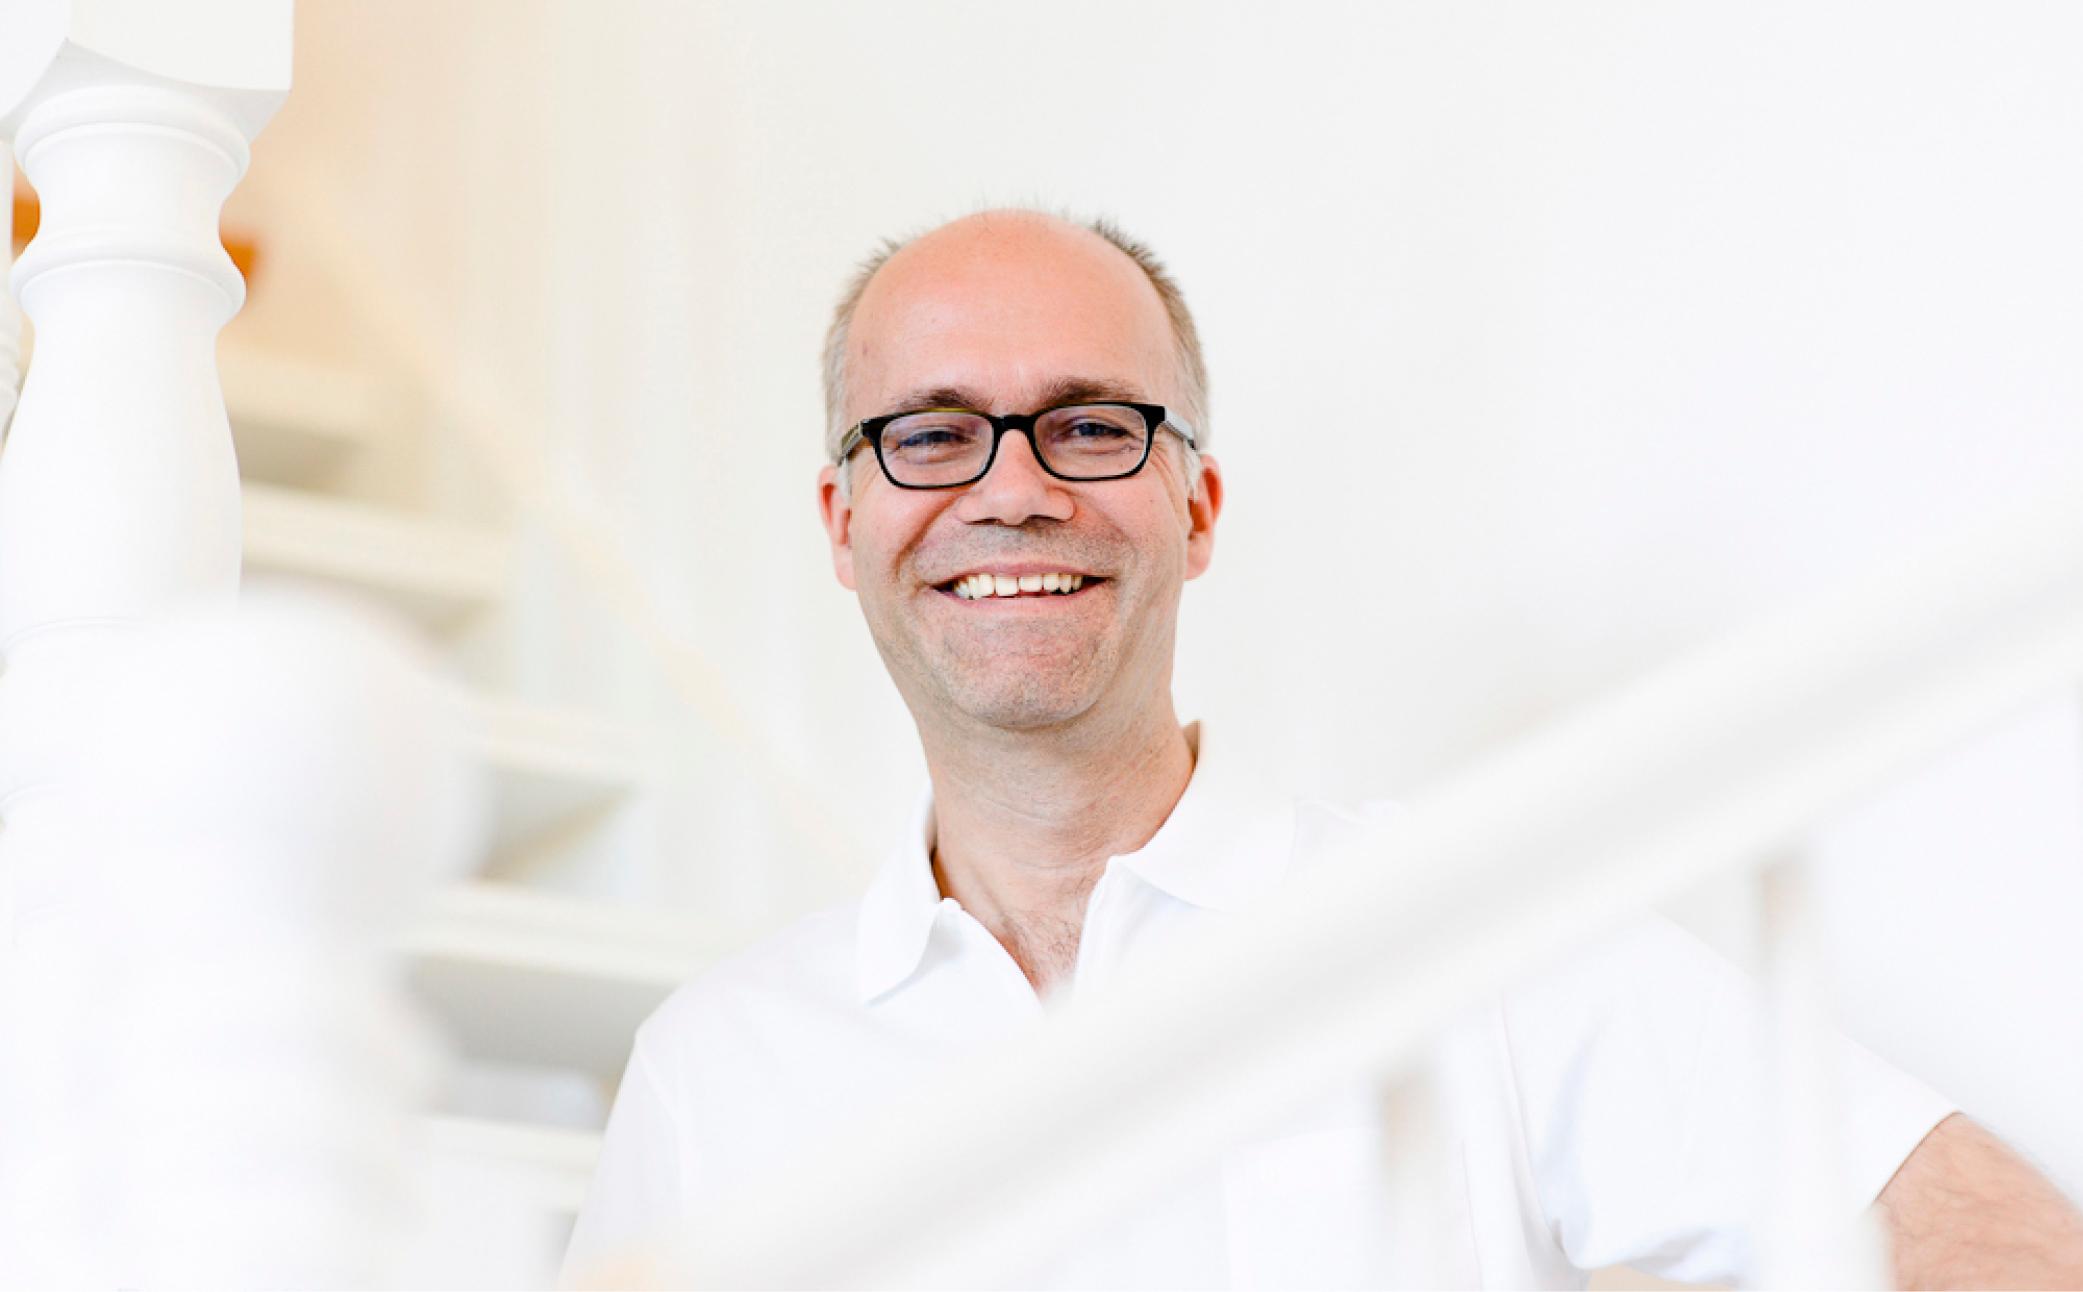 Erfolgreicher Mann - Business Portraits - Business Branding Fotografie Berlin